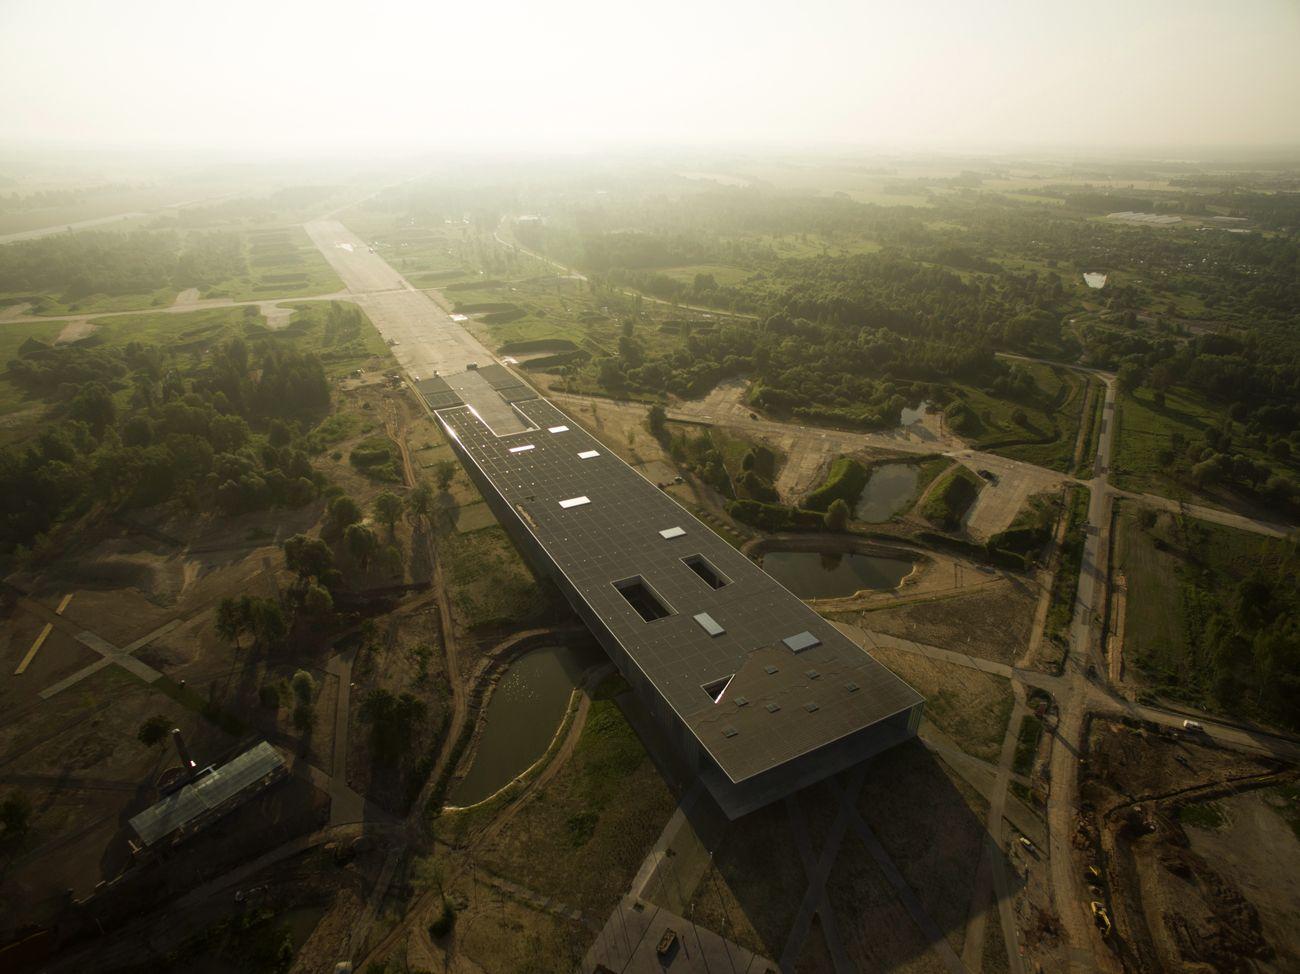 L'envolée du musée national estonien par DGT